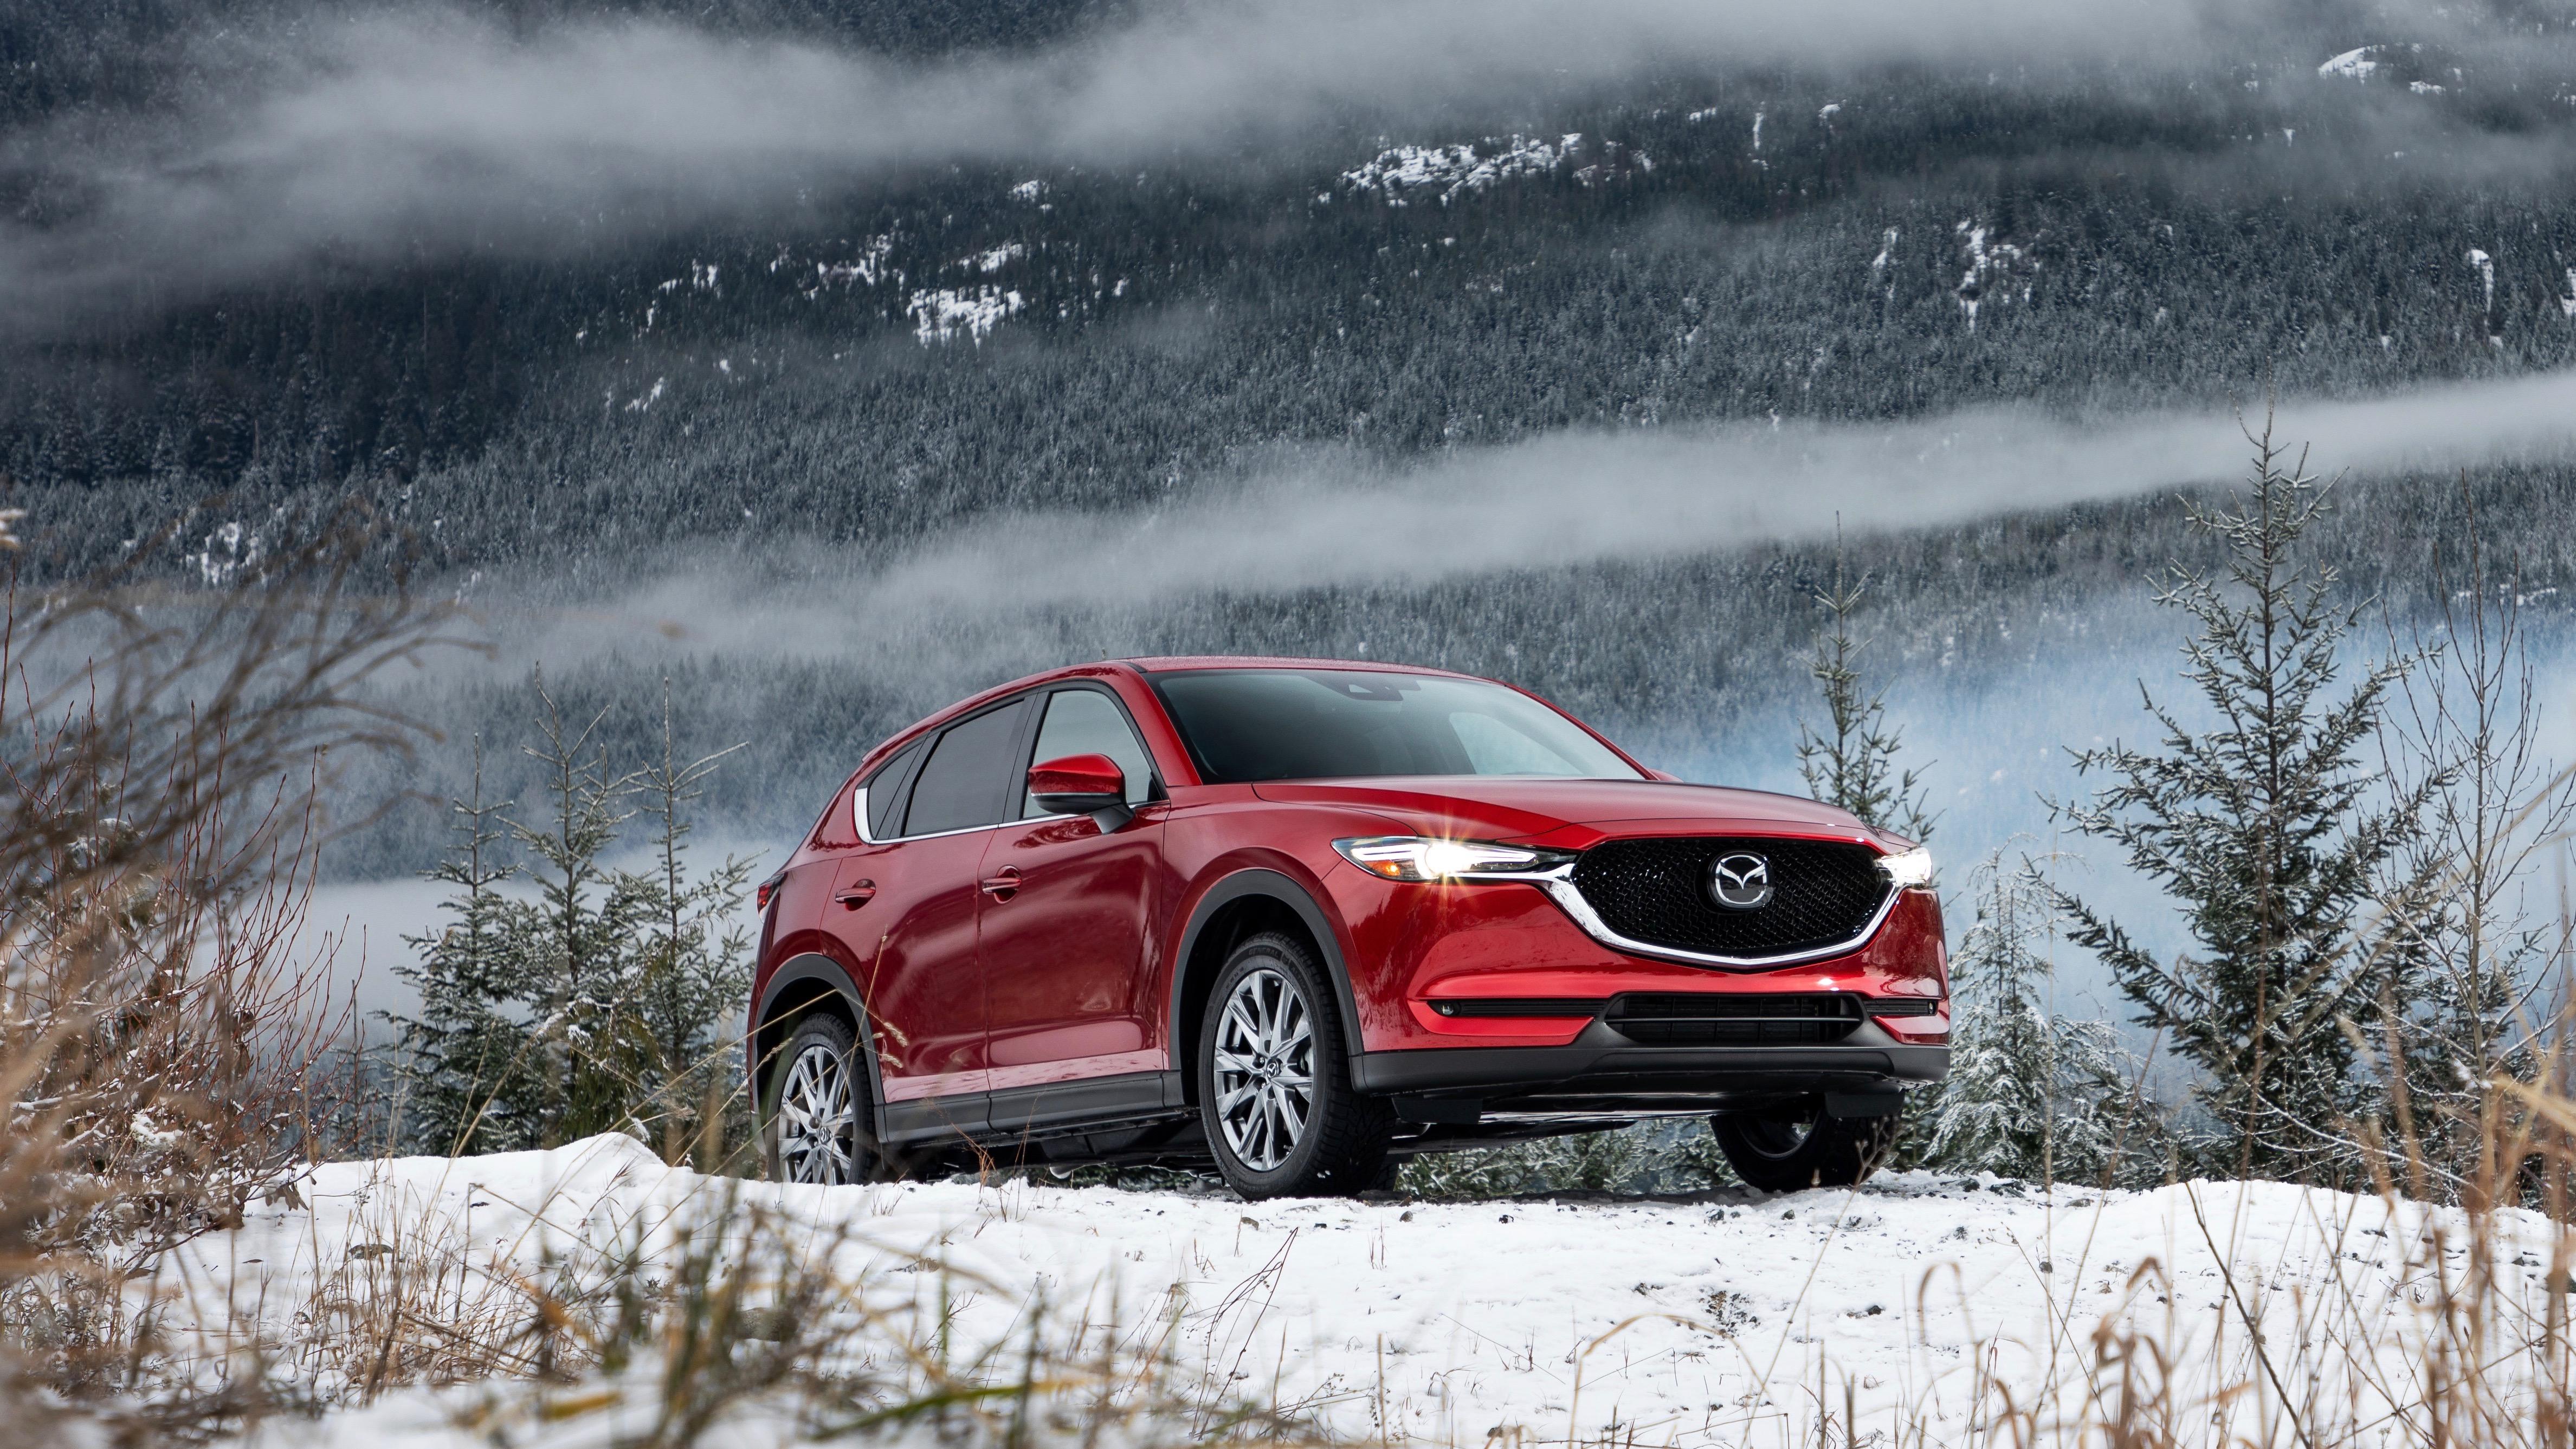 Esta es la nueva Mazda CX-5 2019